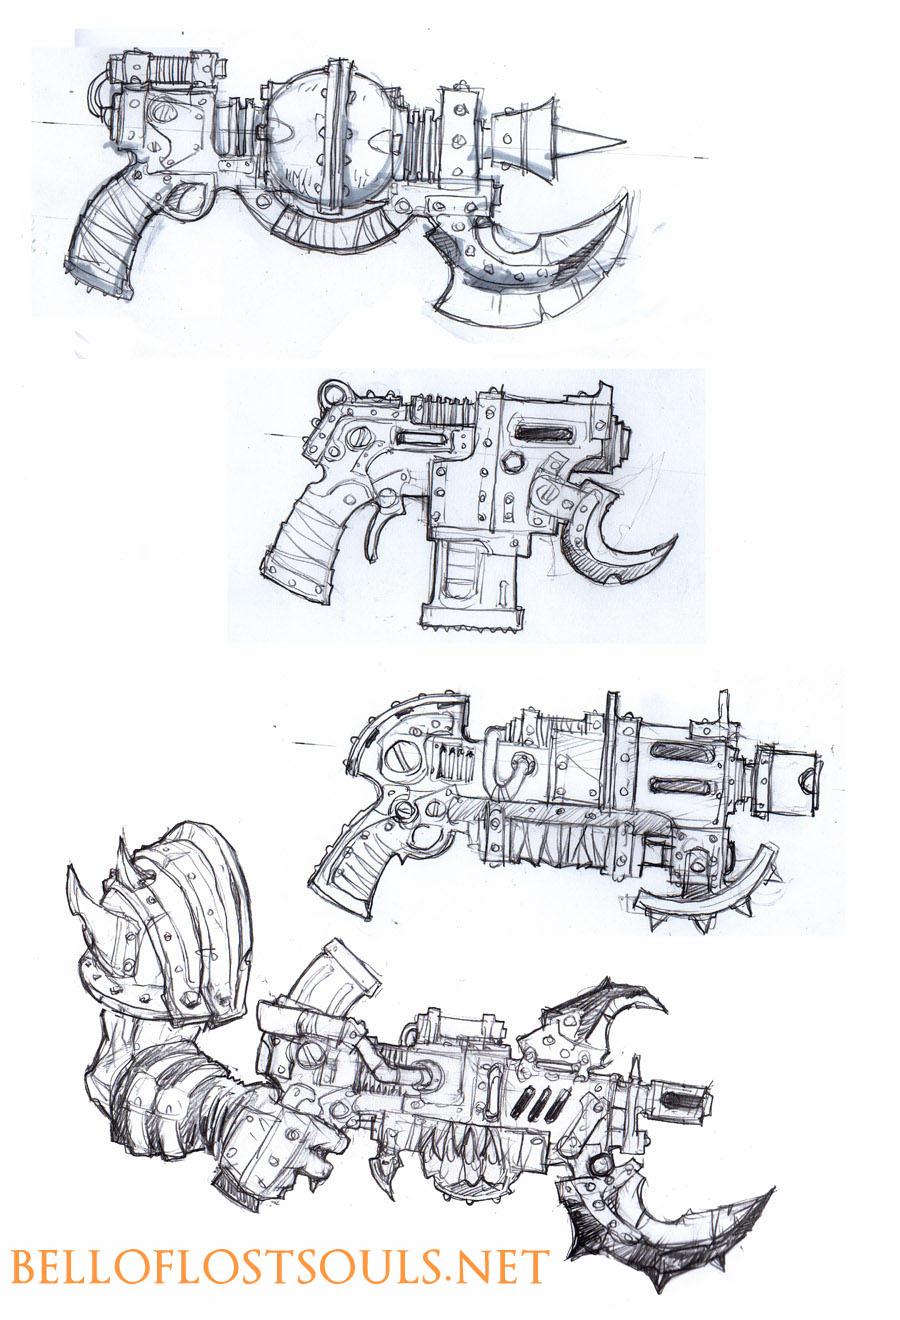 Marauder+Trooper+Weapons+Mantic+Games.jpg